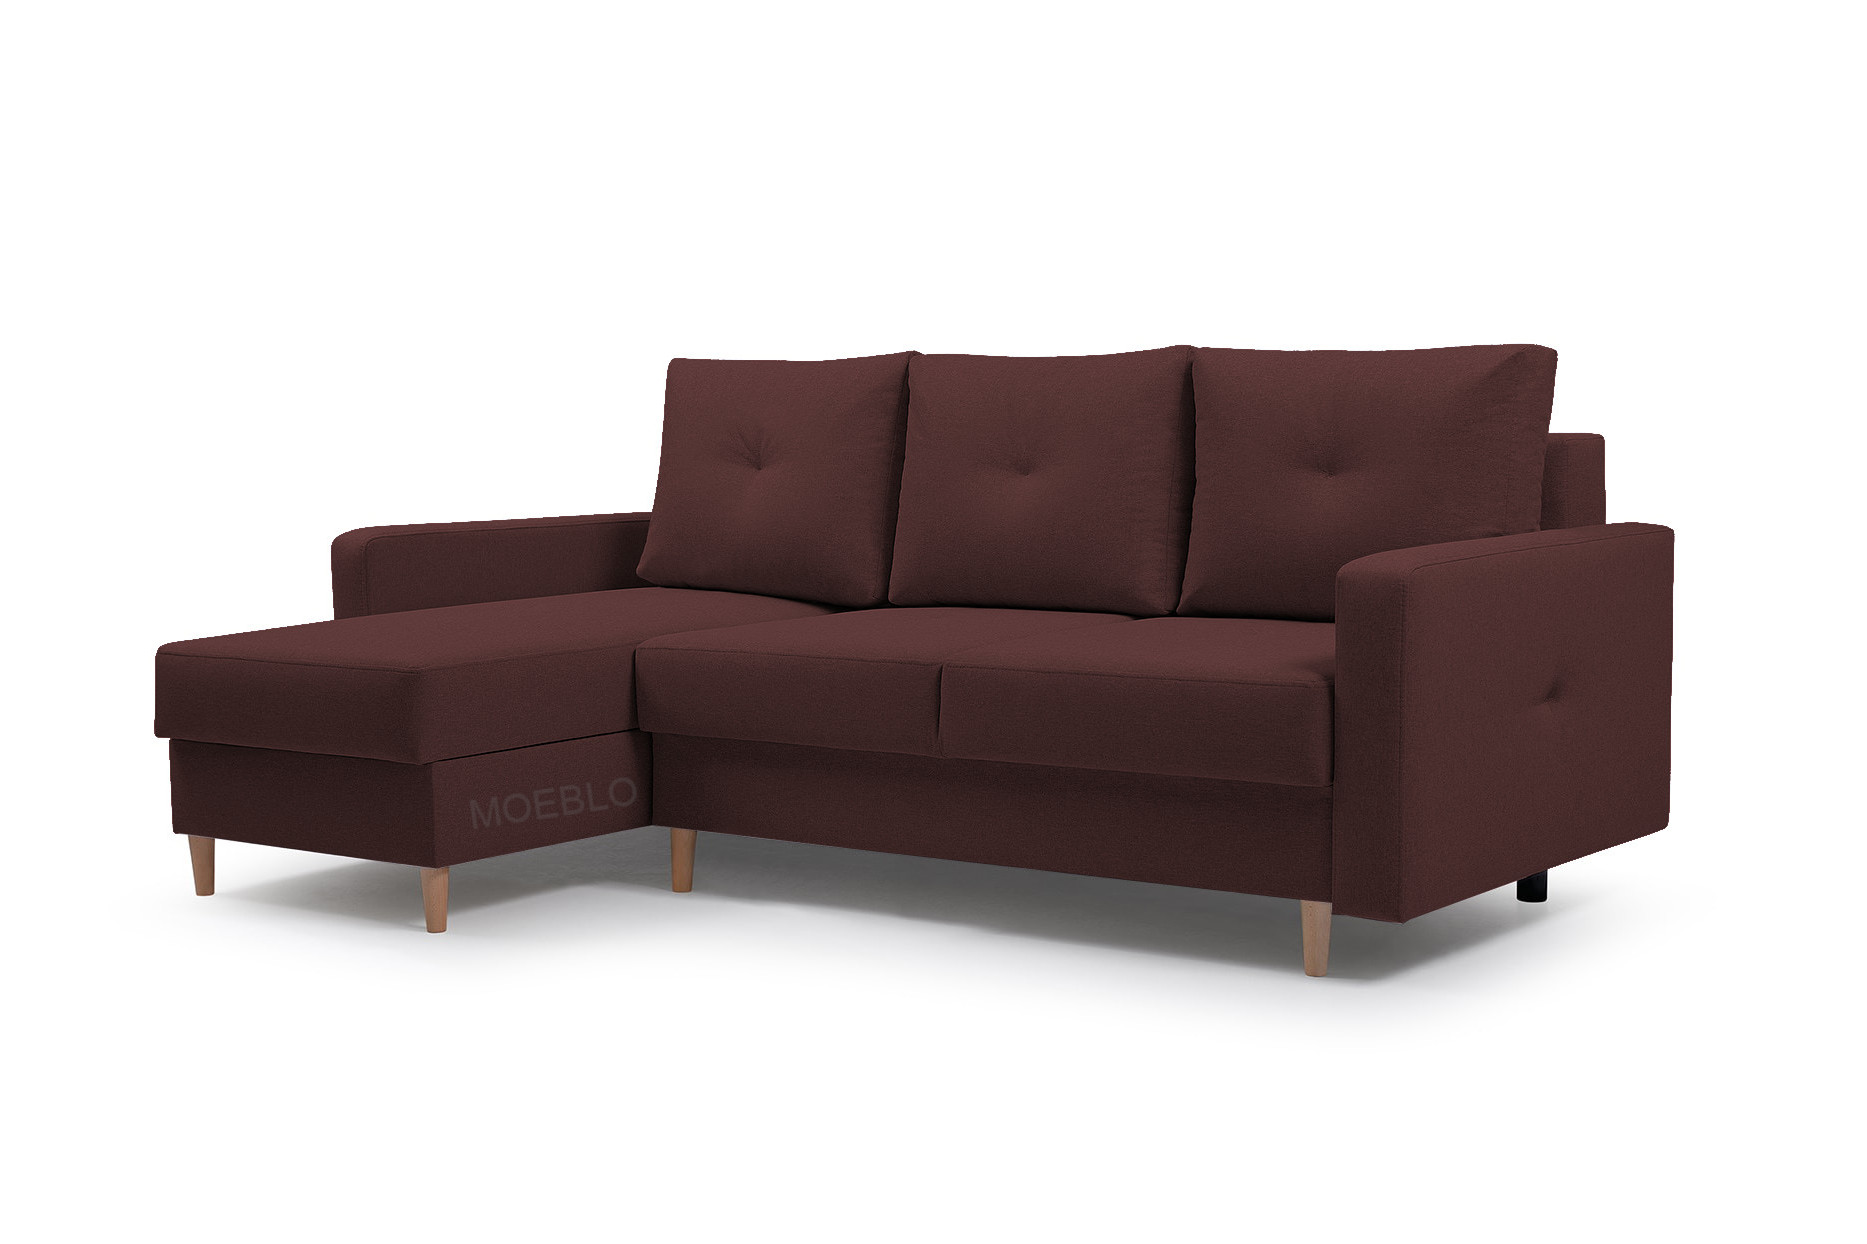 Moderne Ecksofa Couch Eckcouch Mit Schlaffunktion Und